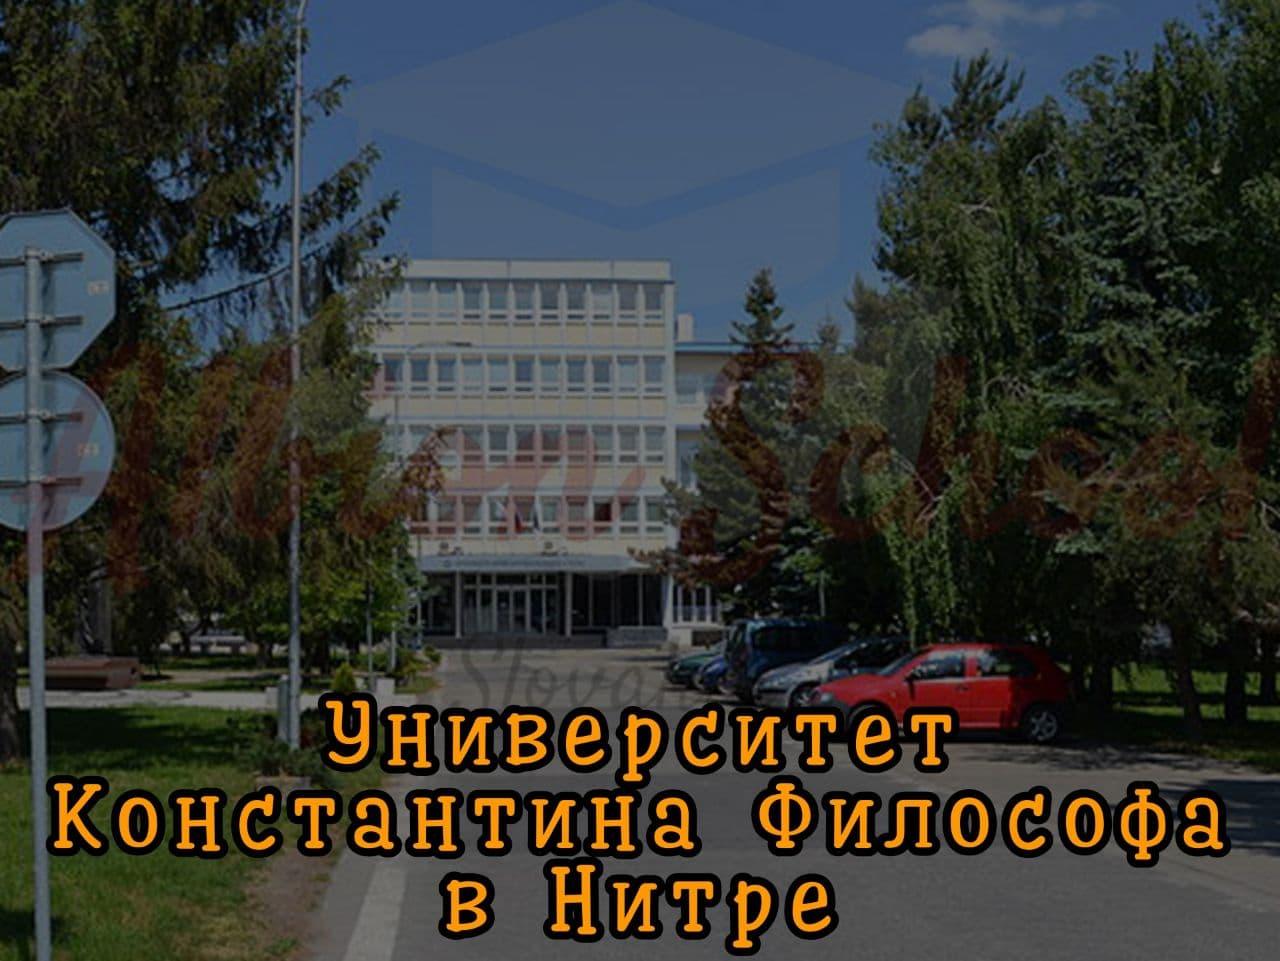 Университет имени Константина Философа в Нитре Словакия